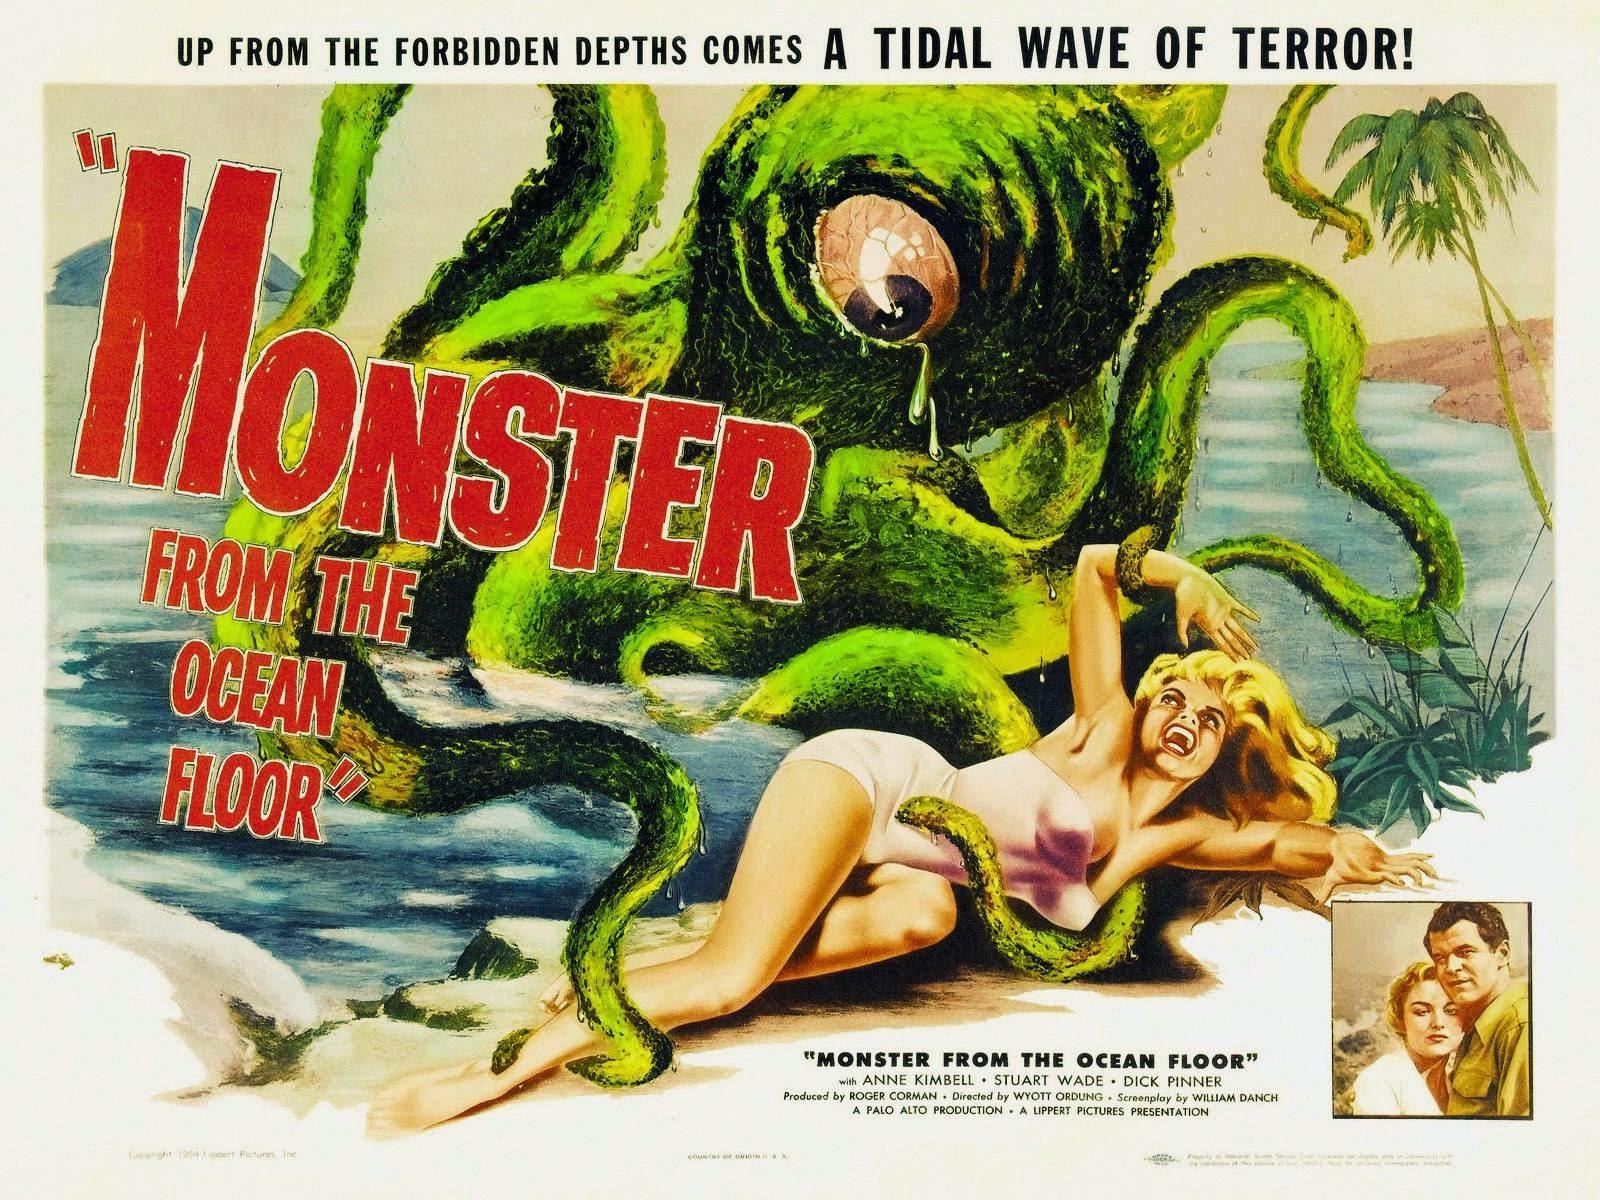 monster from the ocean floor poster